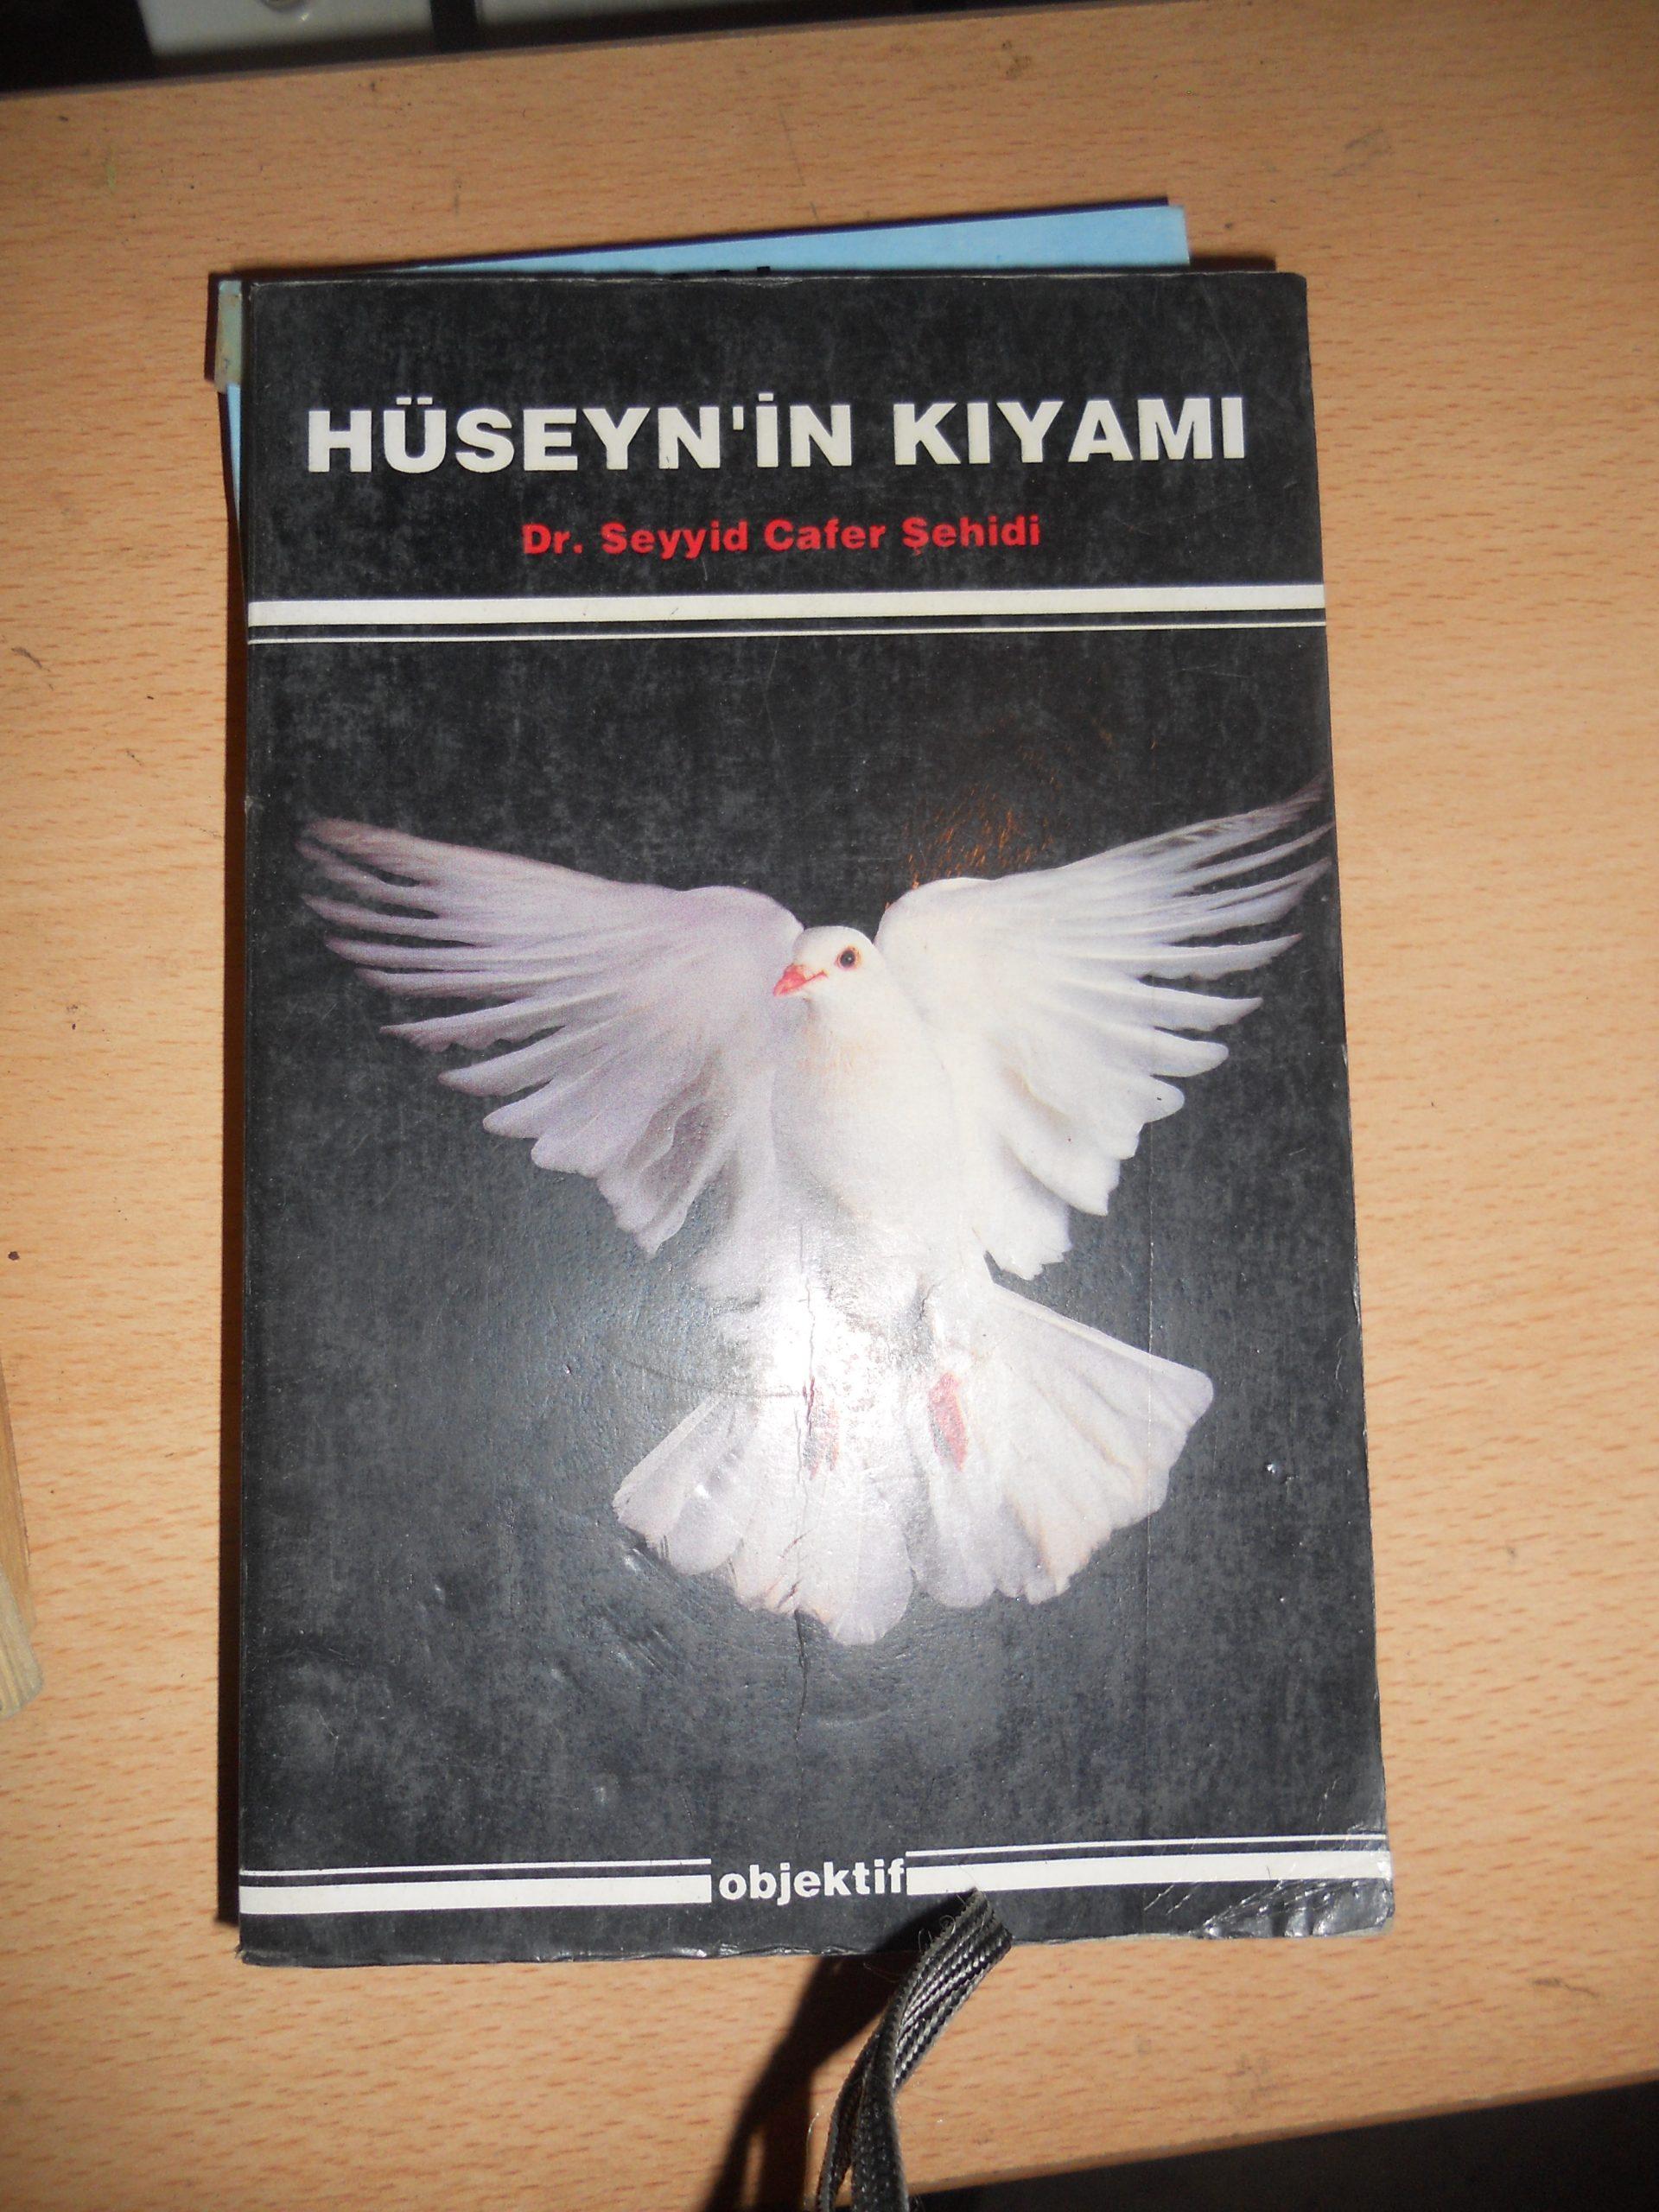 HÜSEYN'İN KIYAMI/Seyyid Cafer ŞEHİDİ/15 tl